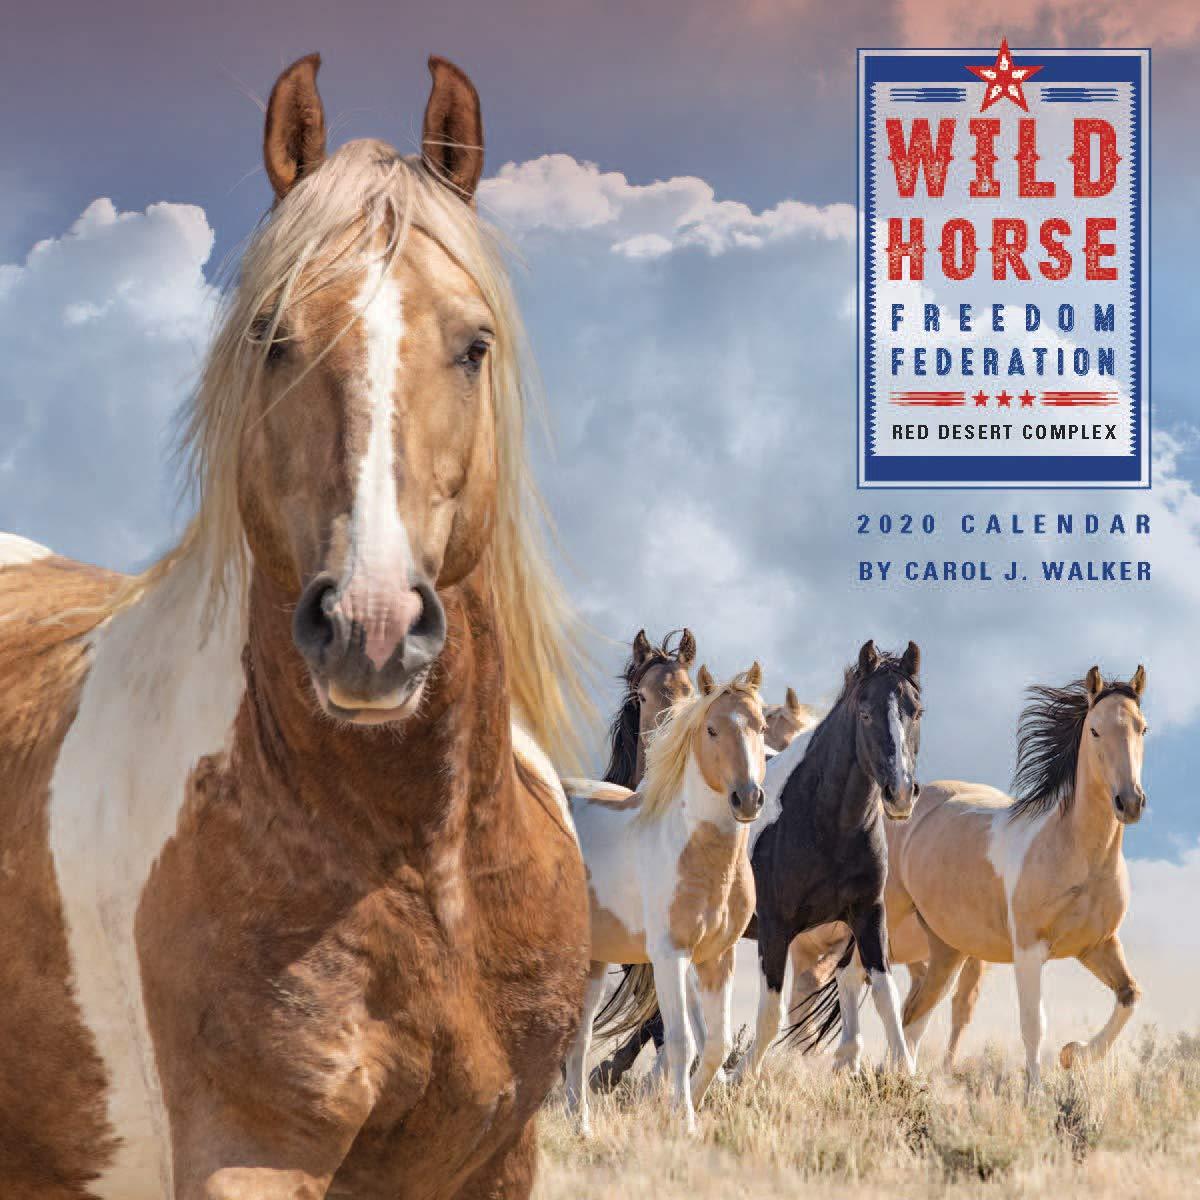 Freedom Calendar 2020 Wild Horse Freedom Federation 2020 Calendar: Carol J. Walker